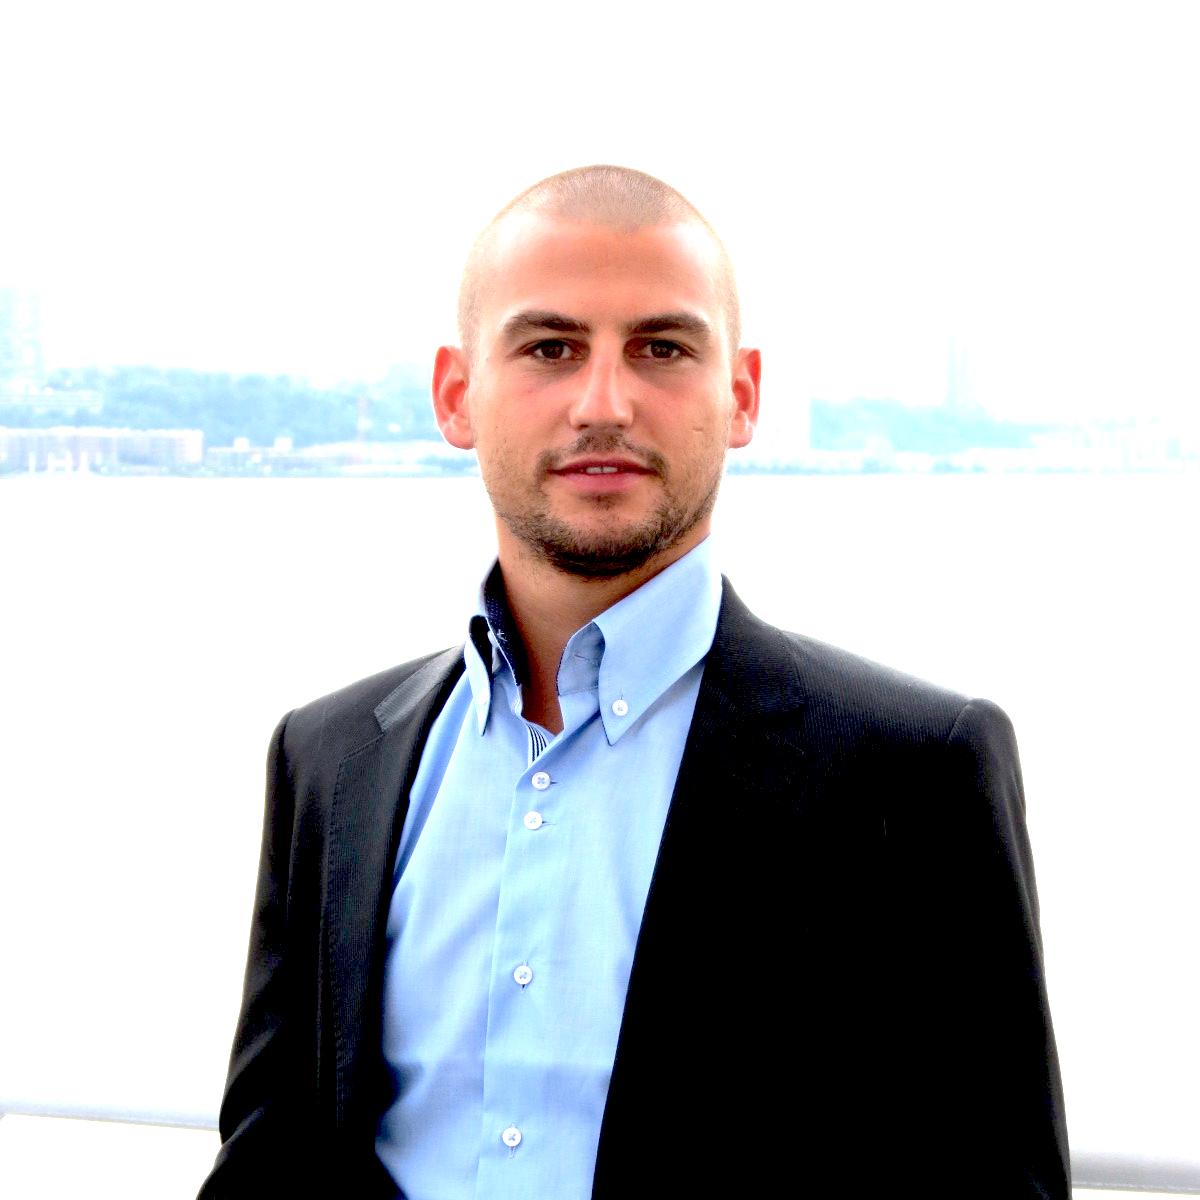 Cristian Andreatini